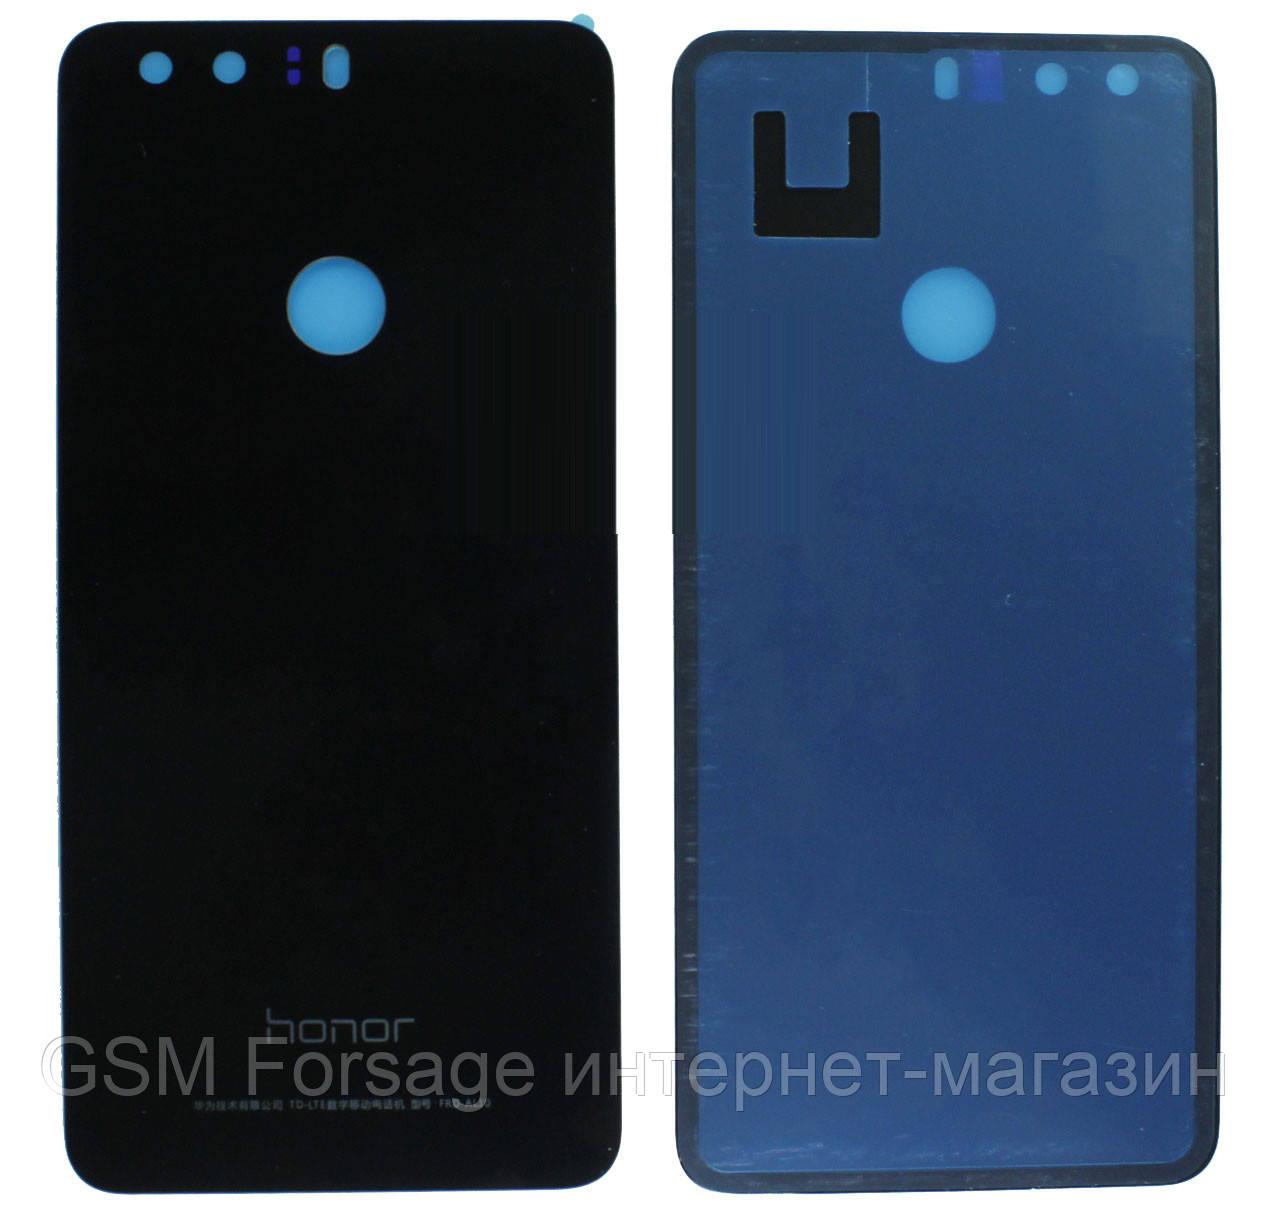 Задняя часть корпуса Huawei Honor 8 (FRD-L09) Black